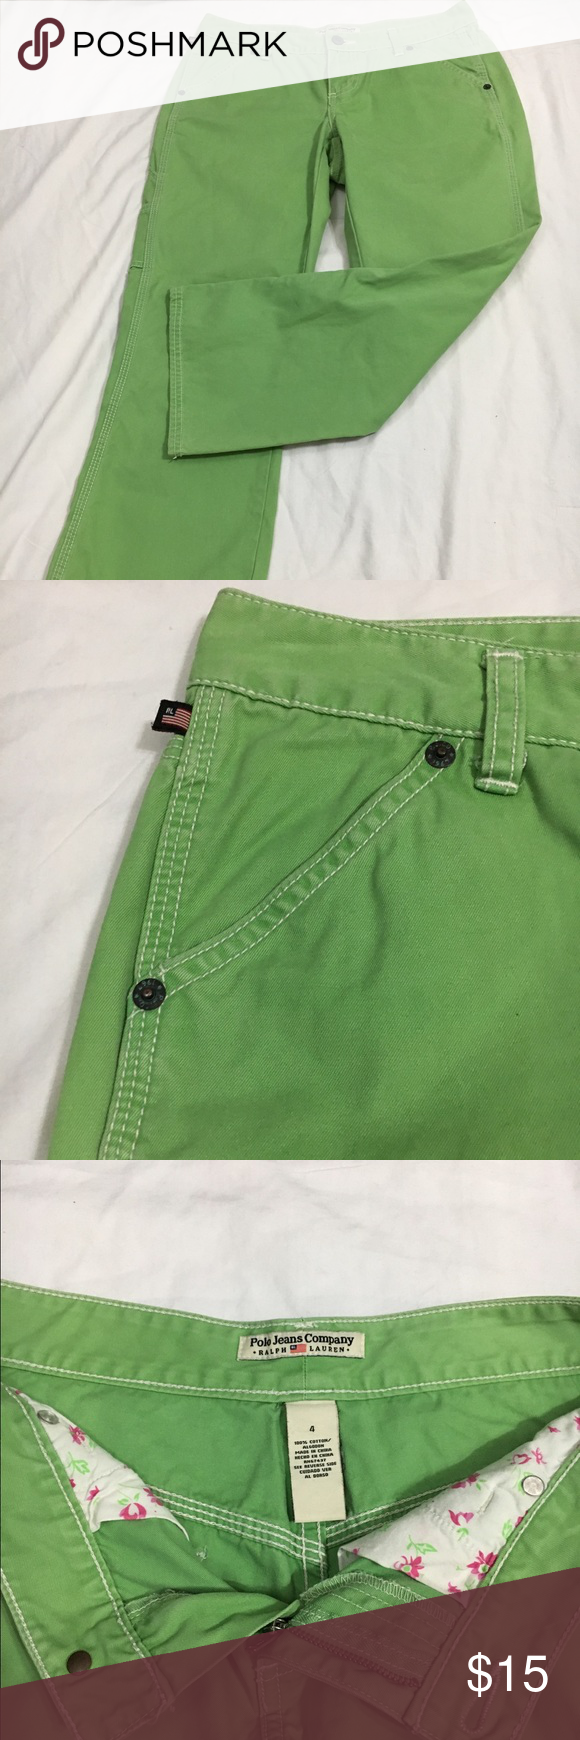 Polo Jeans Ralph Lauren Capri Size 4 Great for spring!!! In perfect condition. Lauren Ralph Lauren Pants Capris